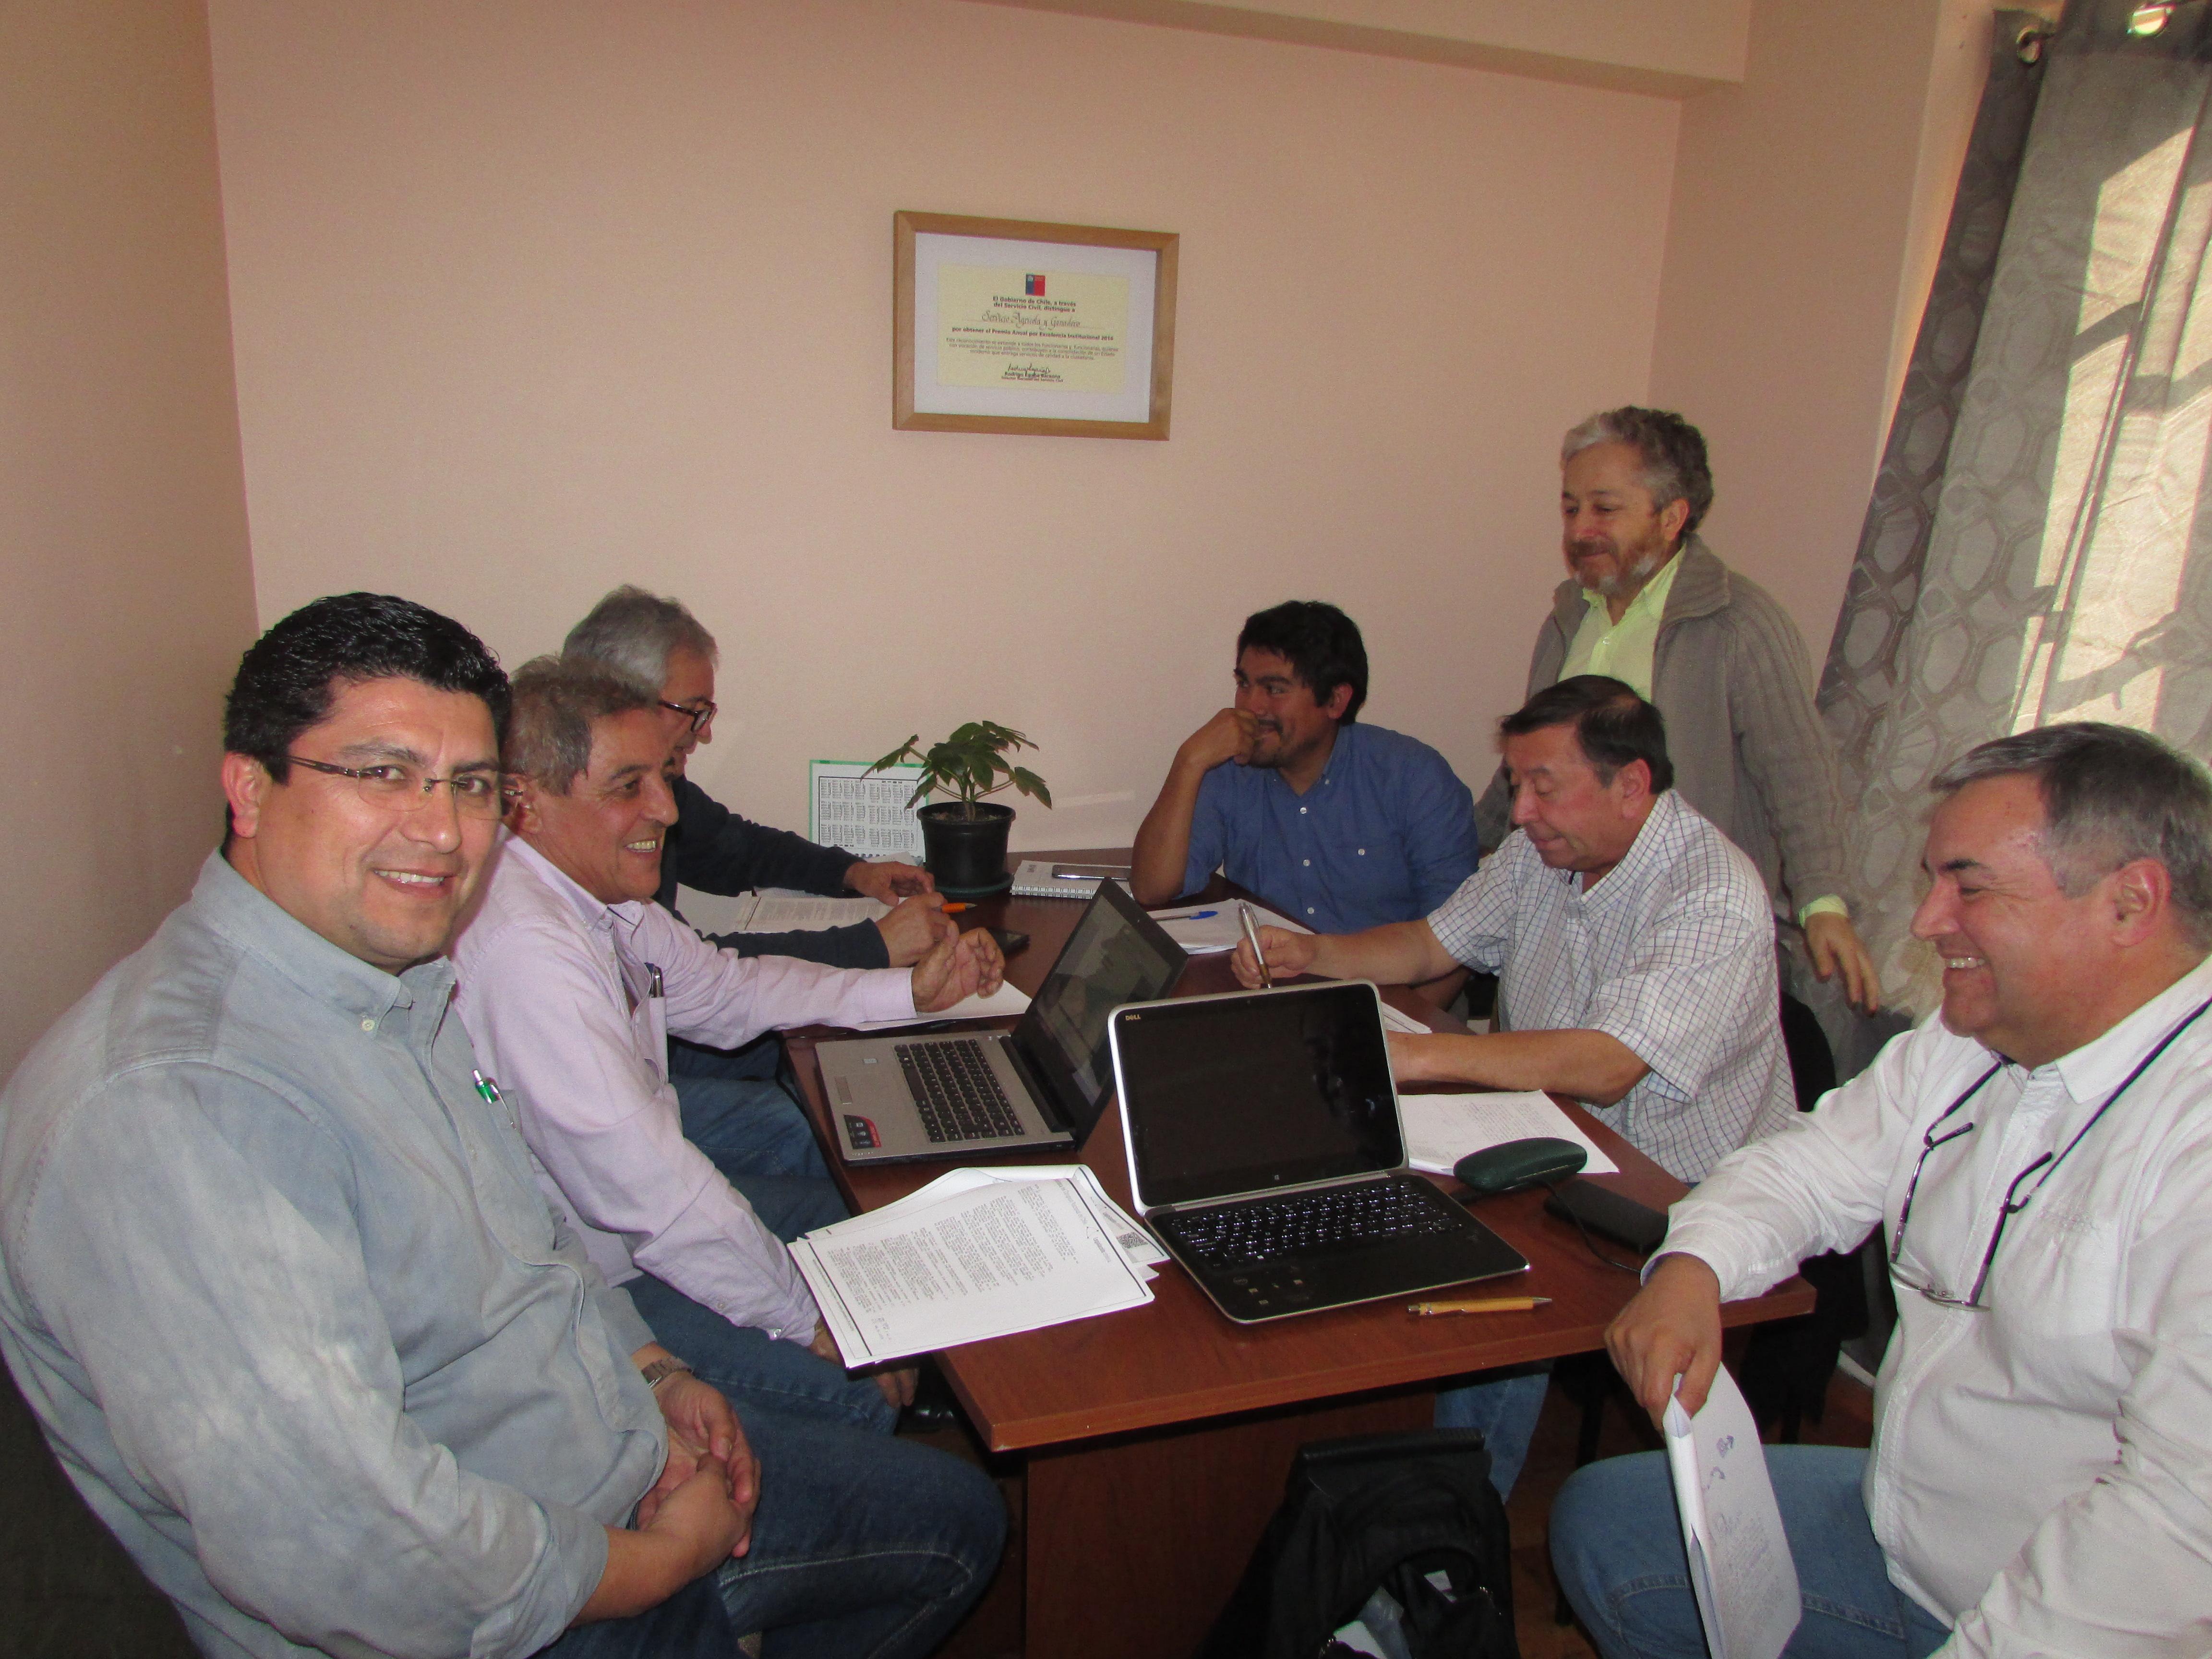 Intensa Jornada de Trabajo del Comité AFSAG por demanda de Nueva Planta SAG - 25 Agosto 2016